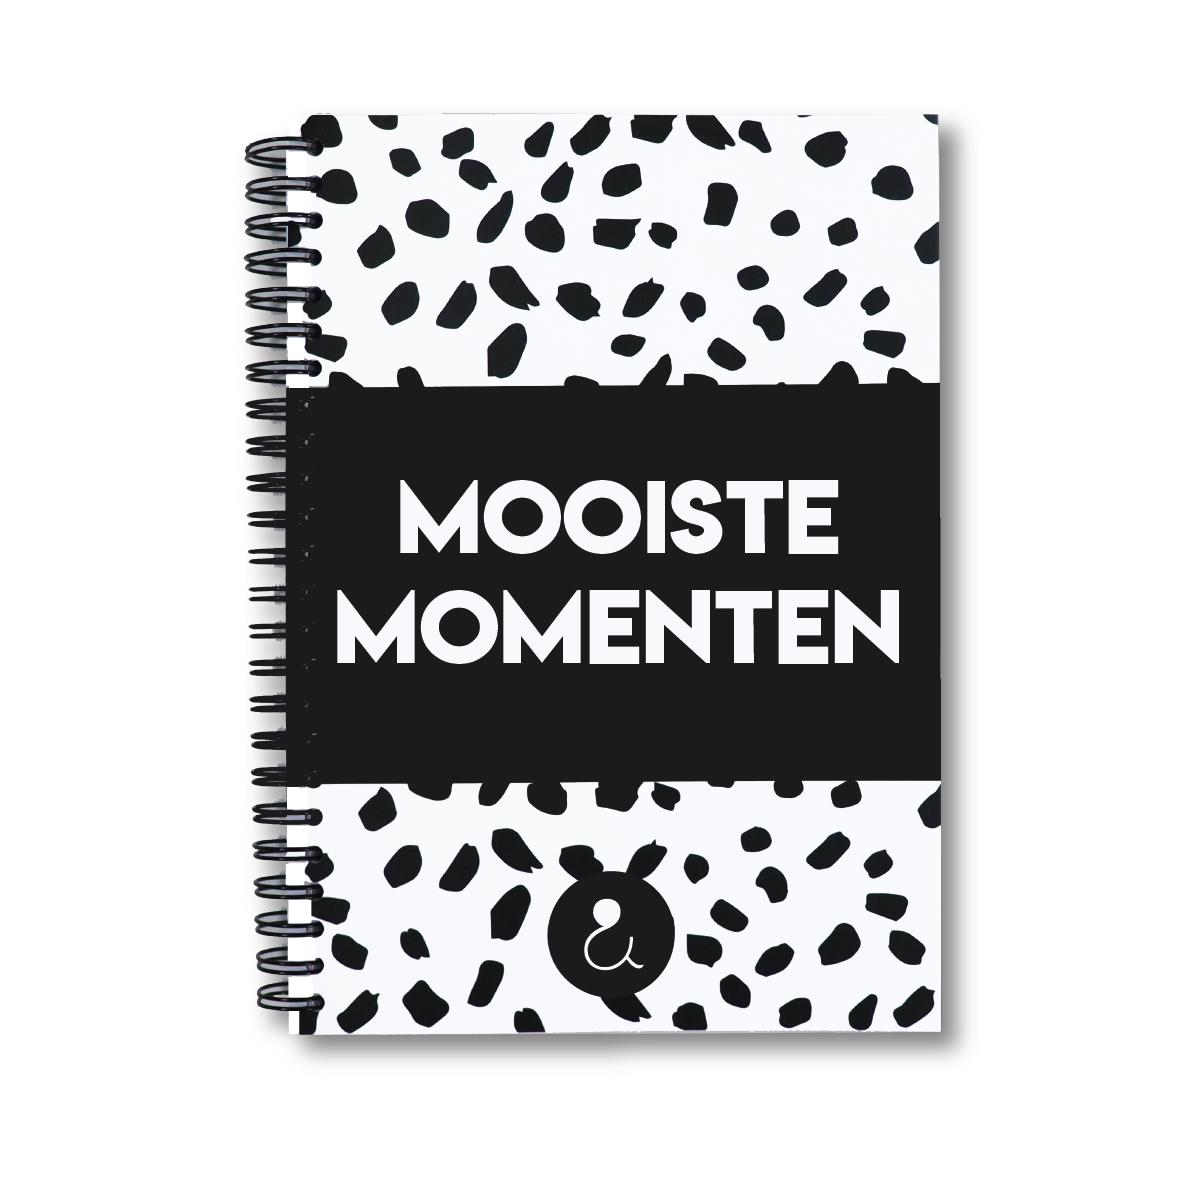 Mooiste momenten plakboek a5   monochrome